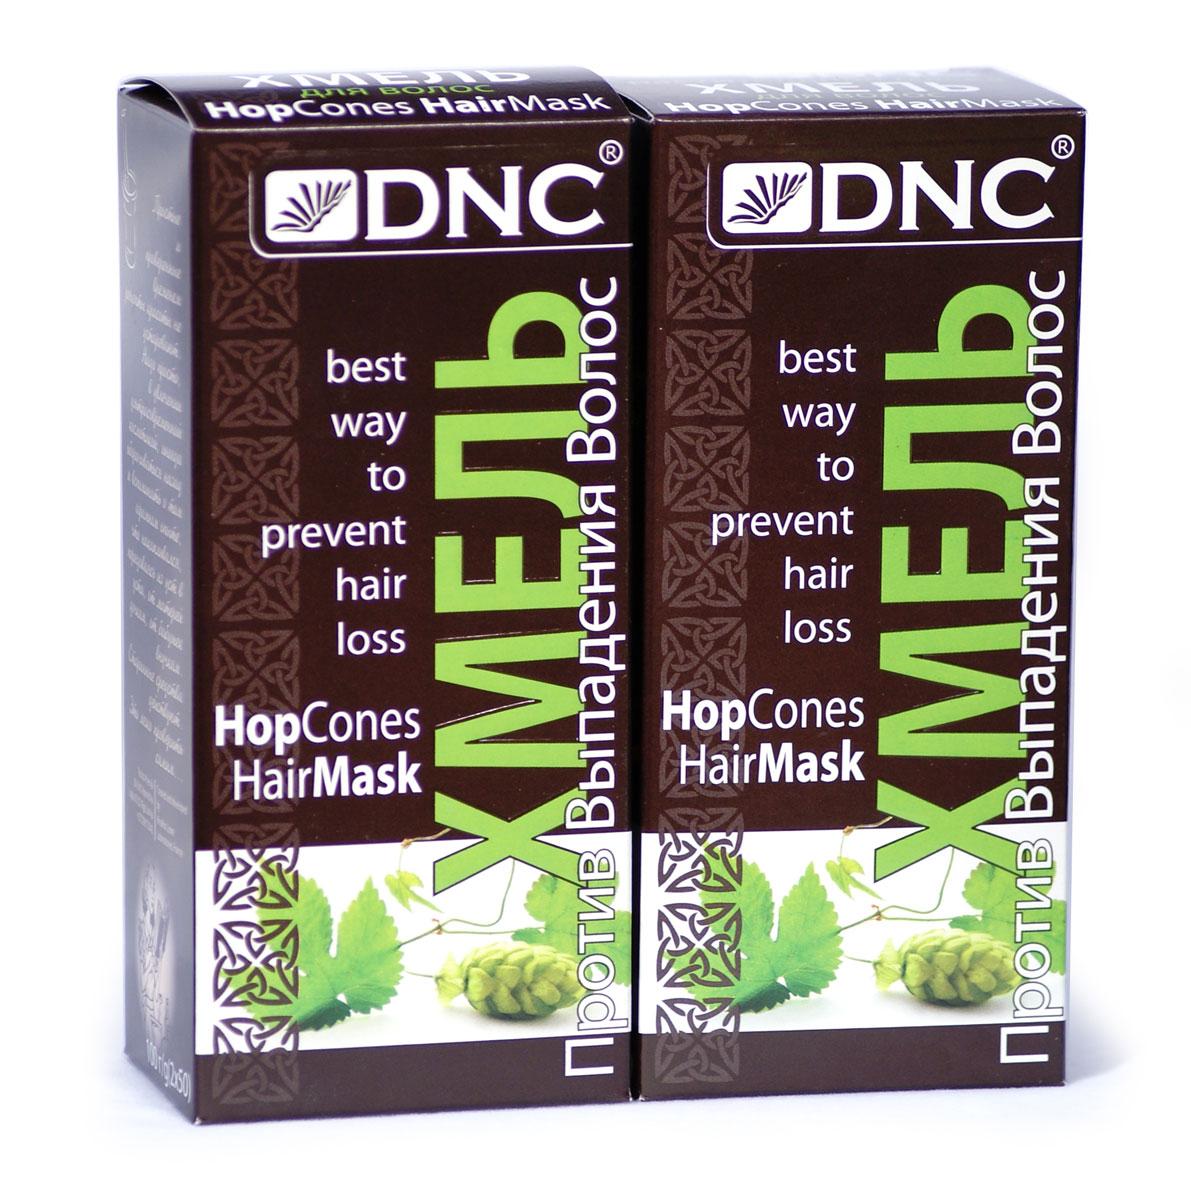 DNC Хмель для волос + Хмель для волос (2*100г) набор4751006752474очень женская маска уменьшает выпадение улучшает структуру тонирует естественным золотистым цветом стимулирует рост волос придает приятный блеск уменьшает зажирнение Когда гормональный баланс даже немного сдвигается в сторону уменьшения нормального уровня, волосяные луковицы слабеют – формируется выпадение волос по мужскому типу. Высока вероятность, что именно нехватка эстрогена приводит к нежелательной потере волос. Природа приберегла для женщин действенное и доступное средство. Немного найдется в природе таких, столь богатых фитоэстрогеном растений, как хмель, способных локально регулировать уровень гормона. Комплекс трав, подобранных для фокусирования действия хмеля, поможет максимально выделить и донести до корней волос активные вещества. Регулярное использование Хмеля позволит вернуть волосам густоту и силу.